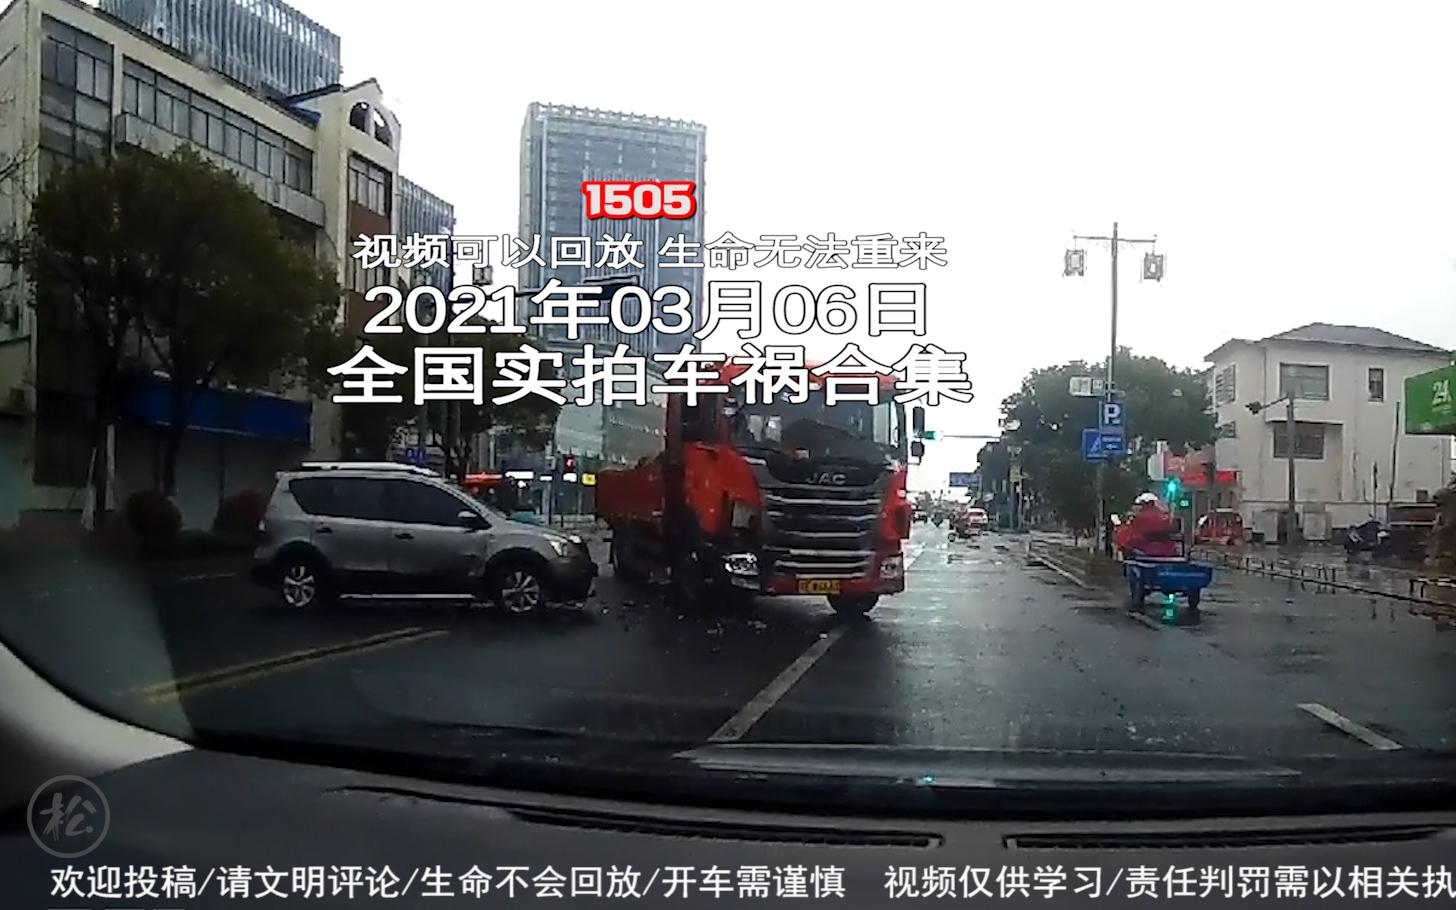 1505期:小孩子飞奔过马路,小车无法躲避将其撞飞【20210306全国车祸合集】